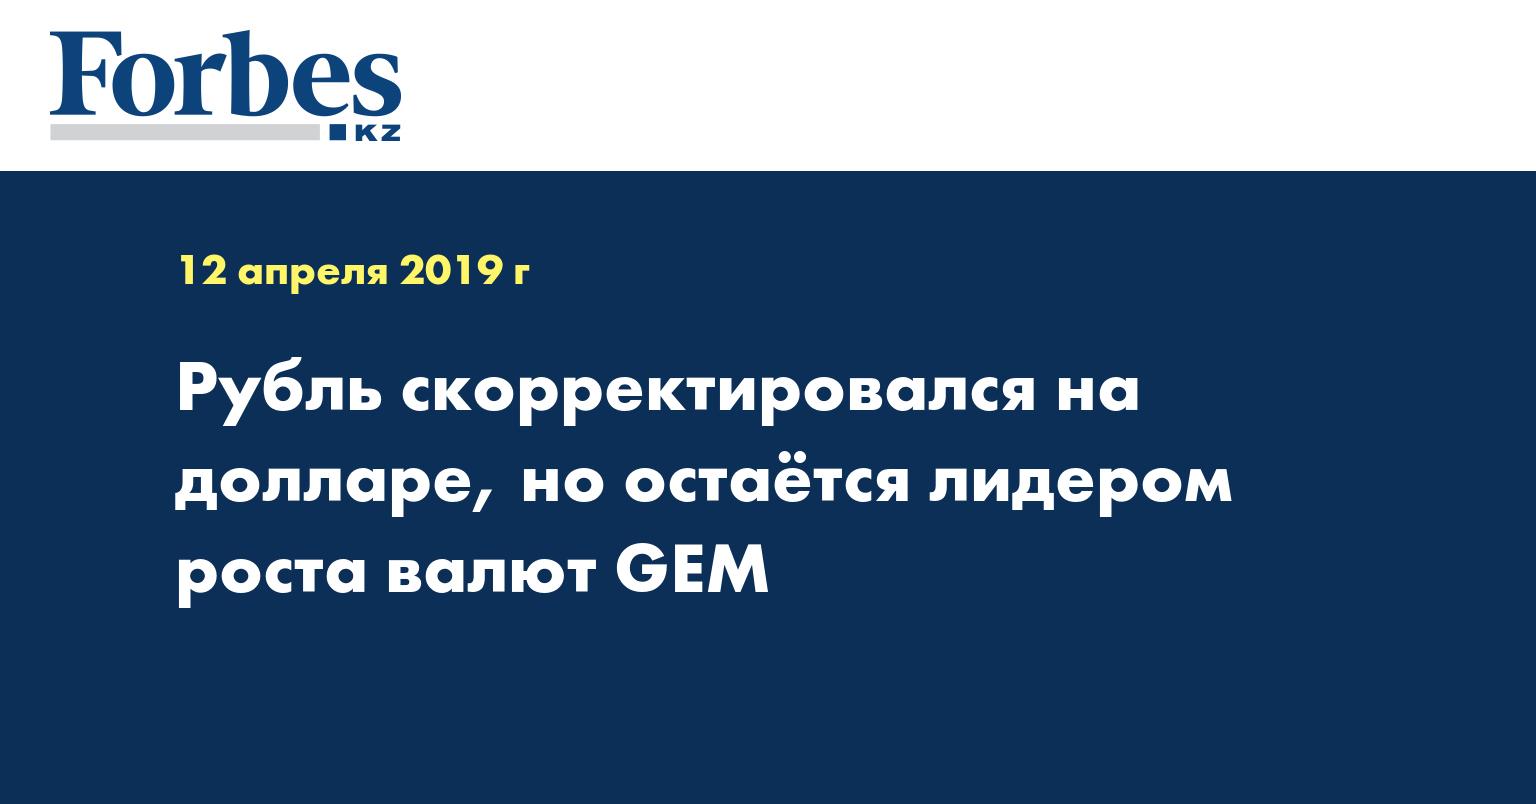 Рубль скорректировался на долларе, но остаётся лидером роста валют GEM